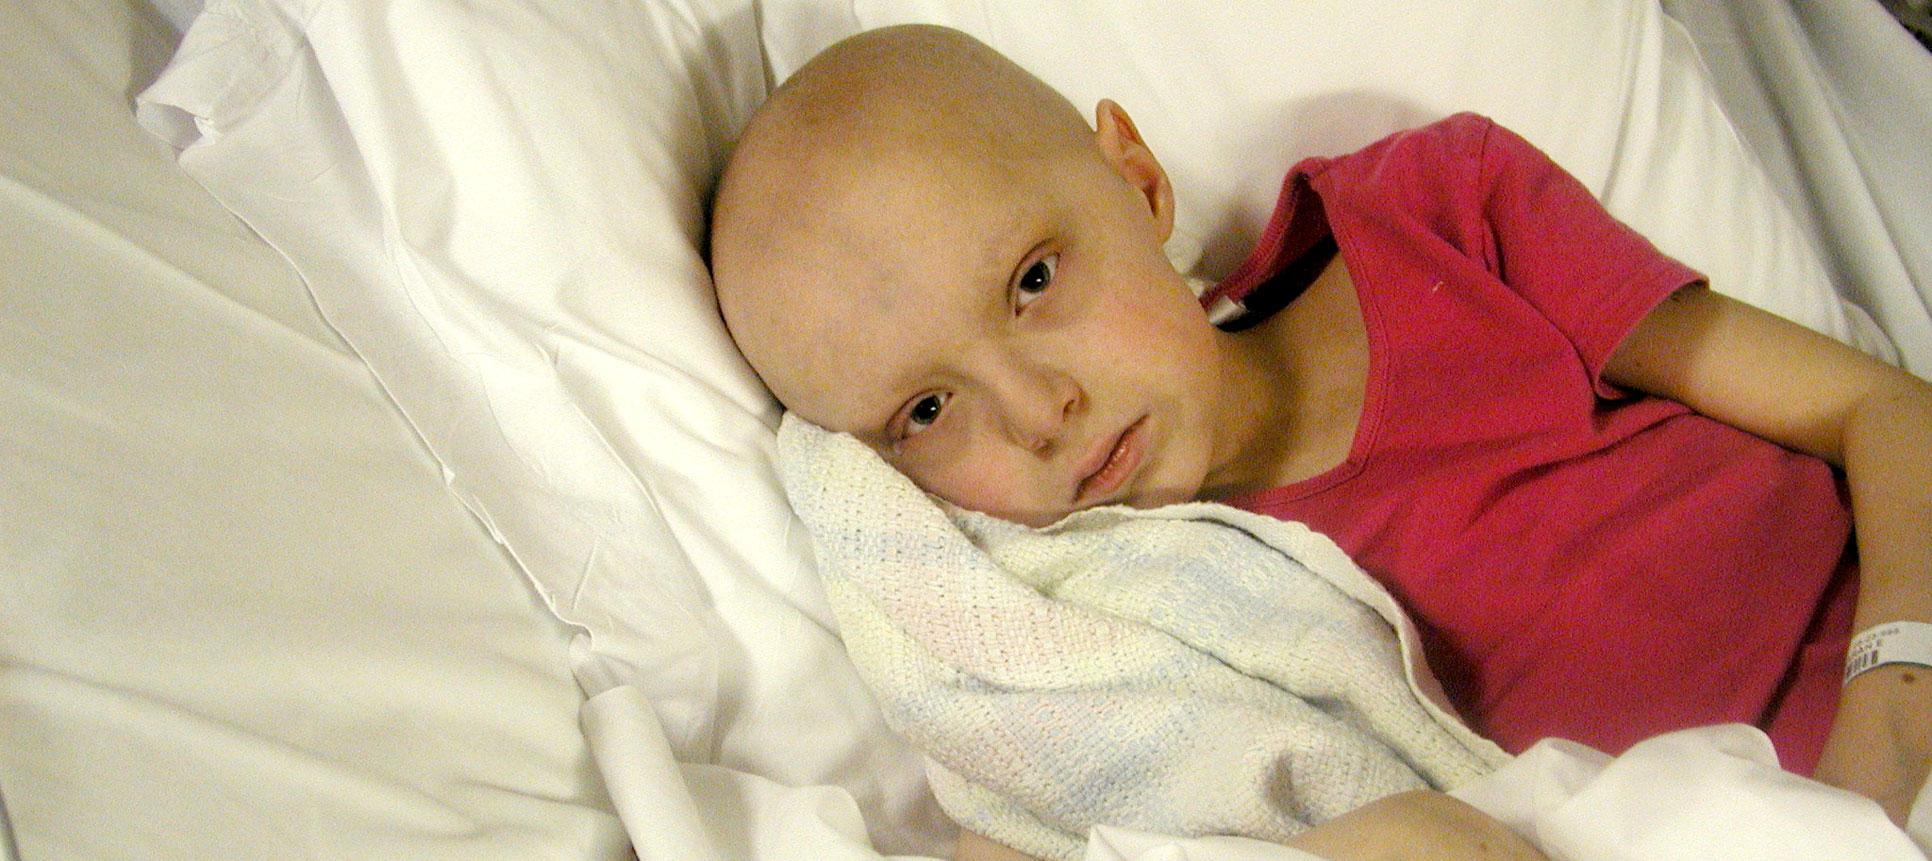 Sarah was diagnosed with neuroblastoma that had metastasized throughout her body.